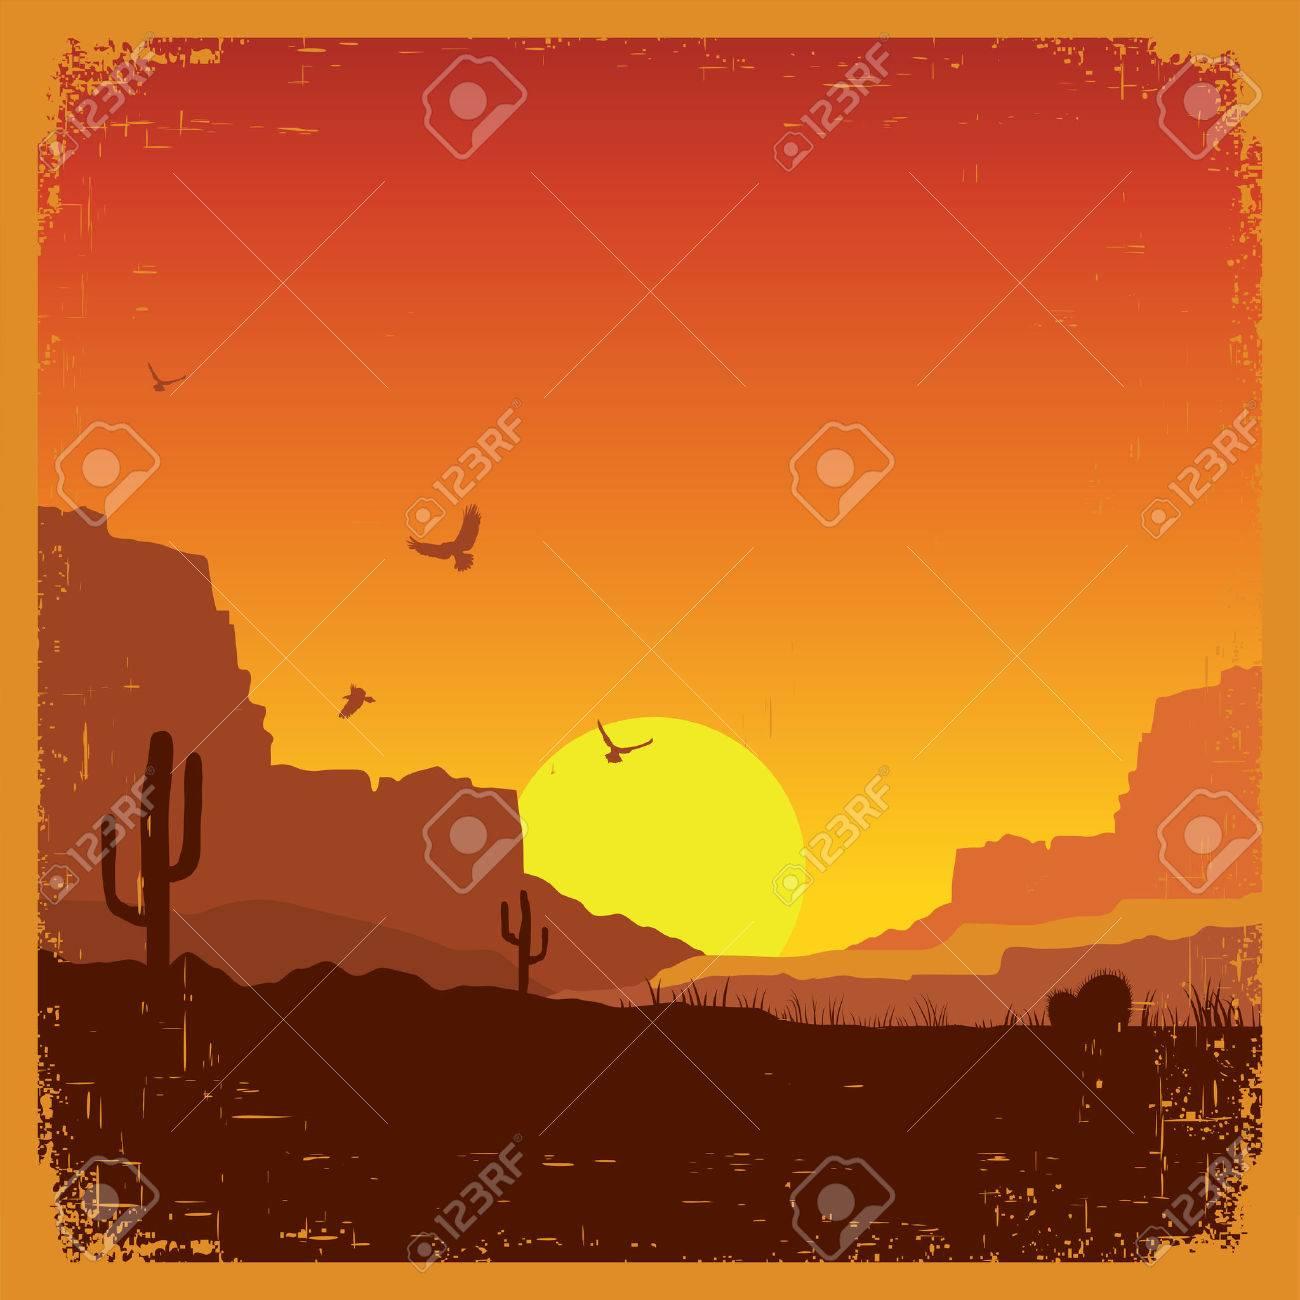 4 002 desert sunrise stock vector illustration and royalty free rh 123rf com Sunrise Clip Art Black and White Sunrise Clip Art Black and White